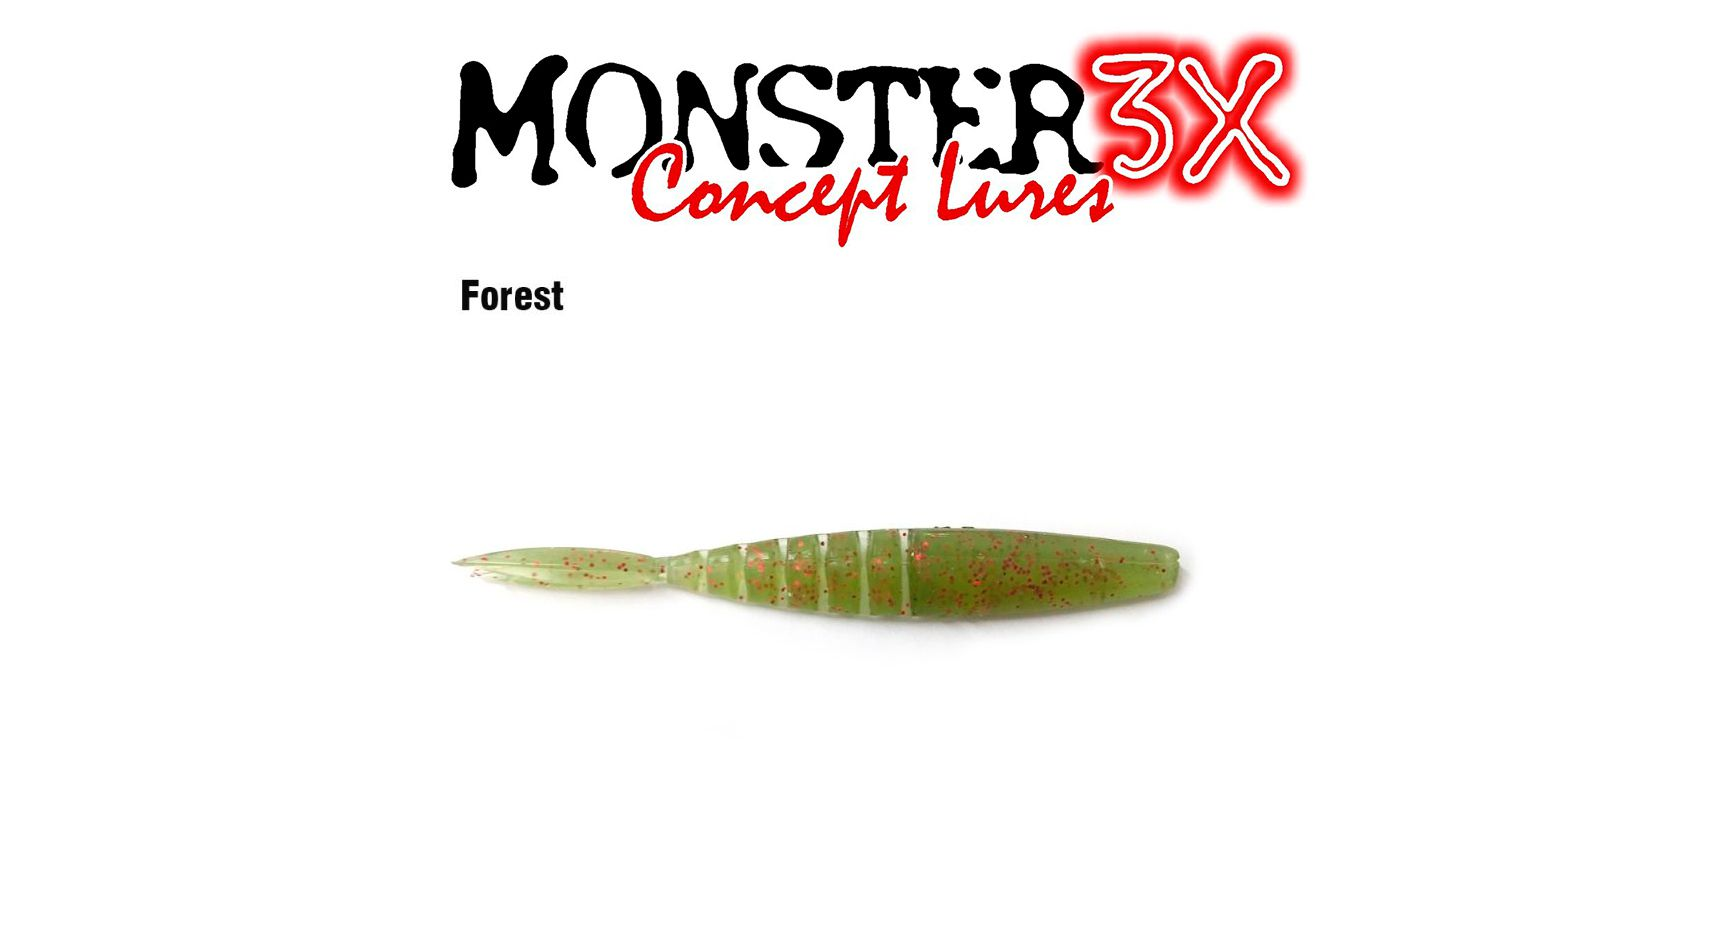 Isca Artificial Soft Monster 3X X-Swim (12 cm) 5 Peças - Várias Cores  - Life Pesca - Sua loja de Pesca, Camping e Lazer